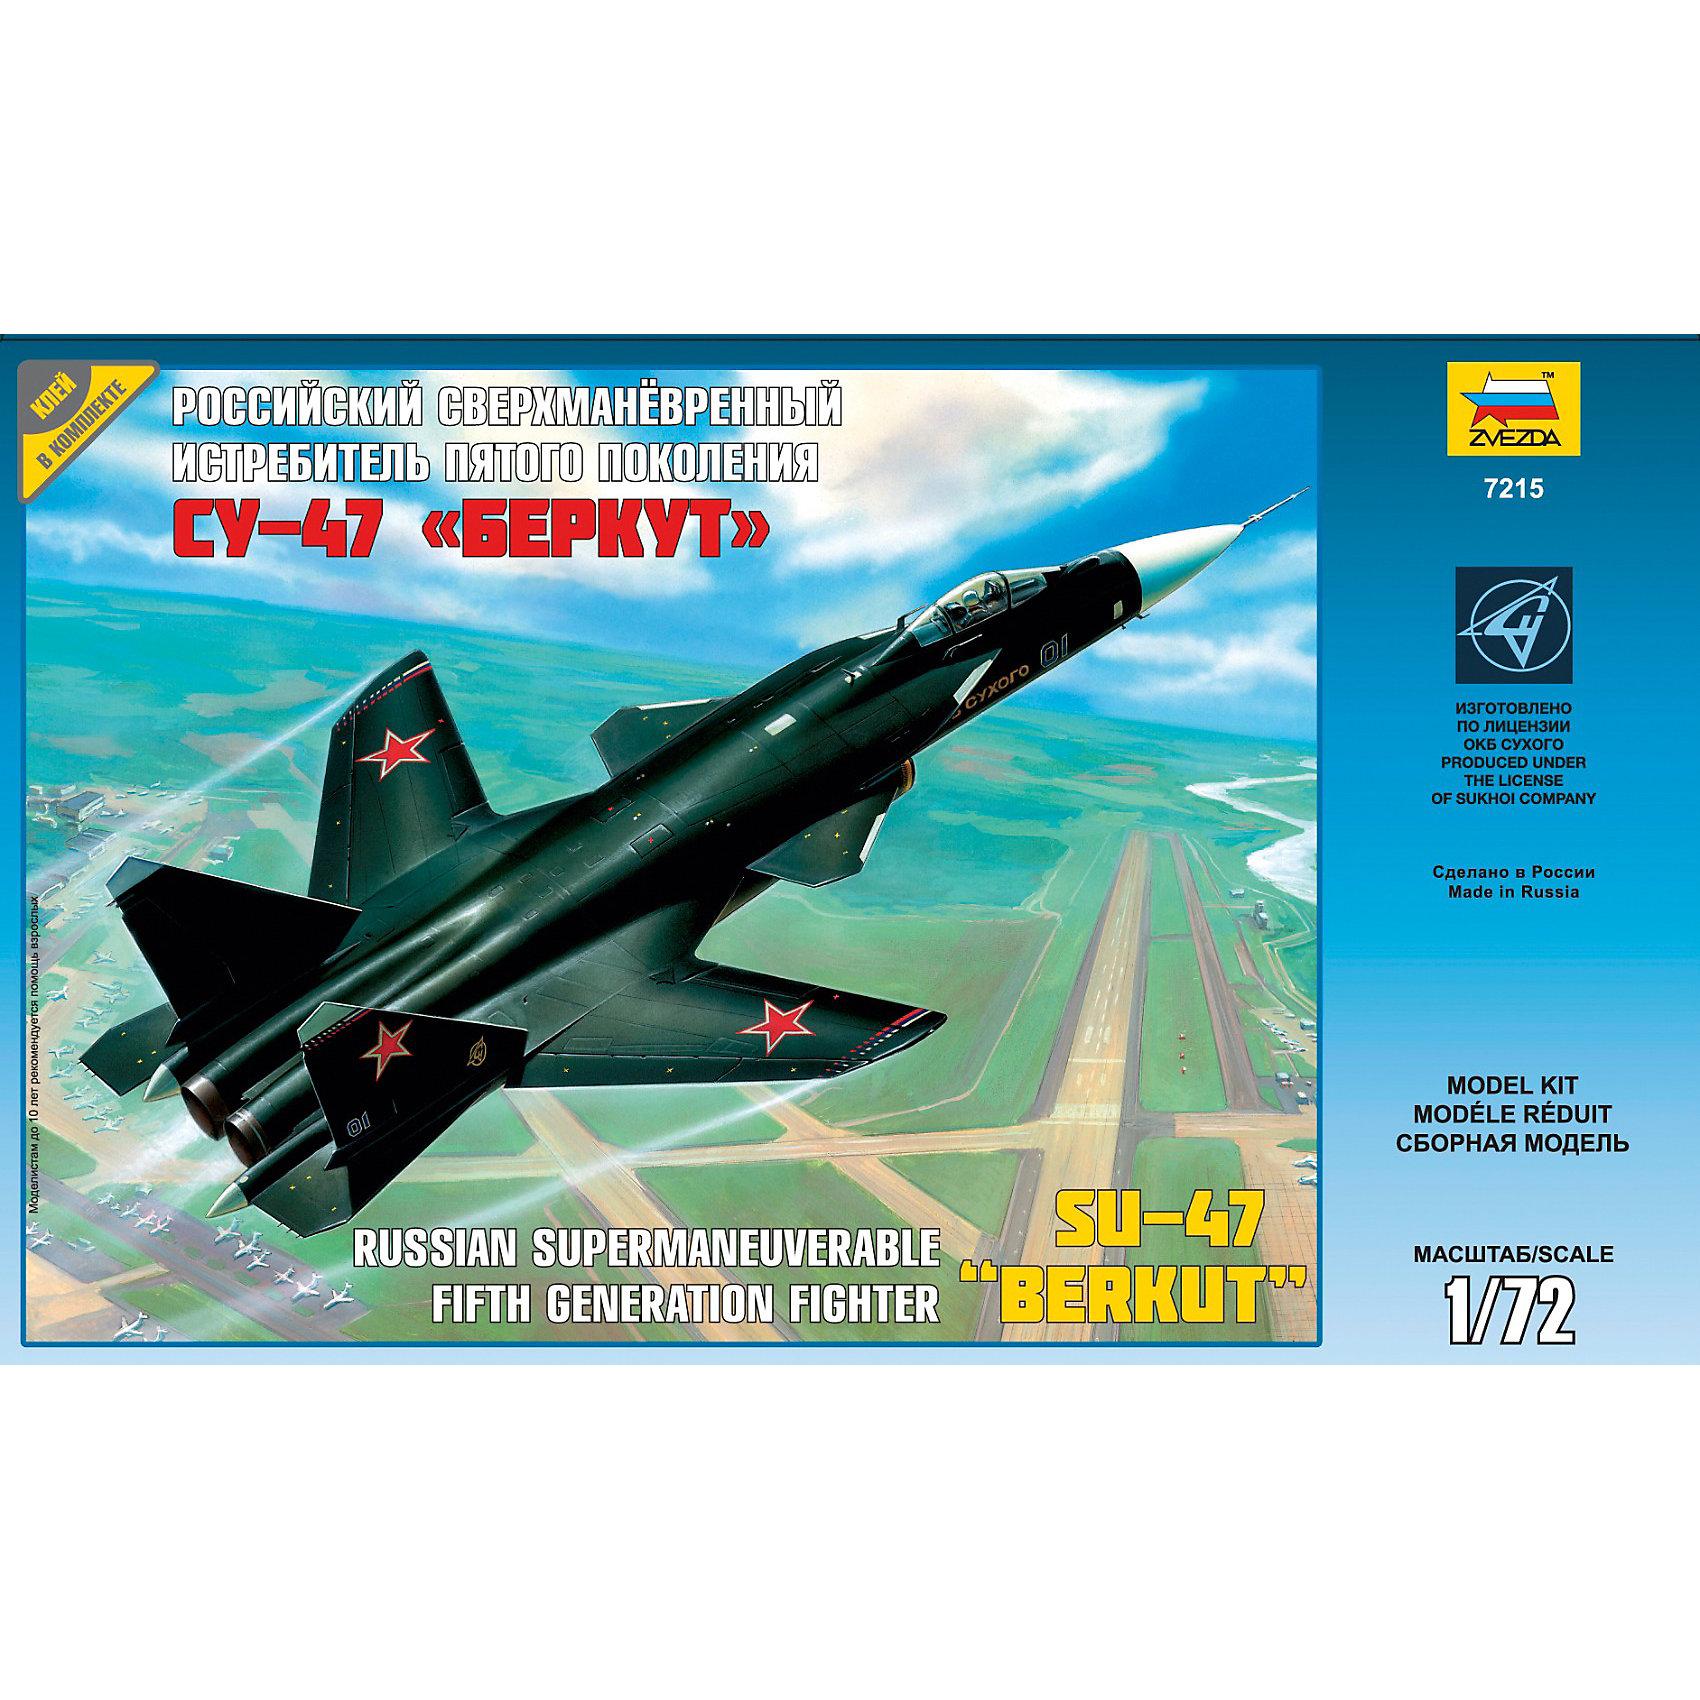 Сборная модель самолета С-47 Беркут, ЗвездаСборная модель самолета С-47 Беркут, Звезда – это склеиваемая объемная модель самолета, яркой внешней особенностью которого является крыло обратной стреловидности. <br>Высокая степень деталировки делает конструктор почти точной миниатюрной копией. Все соединения разработаны и рассчитаны с большой точностью, поэтому при склейке конструктора у вас не возникнет сложностей. <br><br>Особенности:<br>-Количество деталей: 55 шт.<br>-Качество изготовления наивысшее<br>-Идеально подходит для подарка<br>-Прививает практические навыки работы со схемами и чертежами<br>-Развивает интеллектуальные способности, воображение и конструктивное мышление, мелкую моторику, усидчивость, внимание<br><br>Дополнительная информация:<br>-Материал: пластик <br>-Размер готовой модели: 28 см<br>-Клей и краски в комплект набора не входят<br>-Комплектация: 55 шт. деталей, инструкция, декаль<br><br>Игрушка Сборная модель С-47 «Беркут» серии Звезда - это интересный и развивающий досуг для детей и их родителей!<br><br>Сборная модель самолета С-47 Беркут, Звезда можно купить в нашем магазине.<br><br>Ширина мм: 400<br>Глубина мм: 70<br>Высота мм: 242<br>Вес г: 290<br>Возраст от месяцев: 36<br>Возраст до месяцев: 168<br>Пол: Мужской<br>Возраст: Детский<br>SKU: 3676471